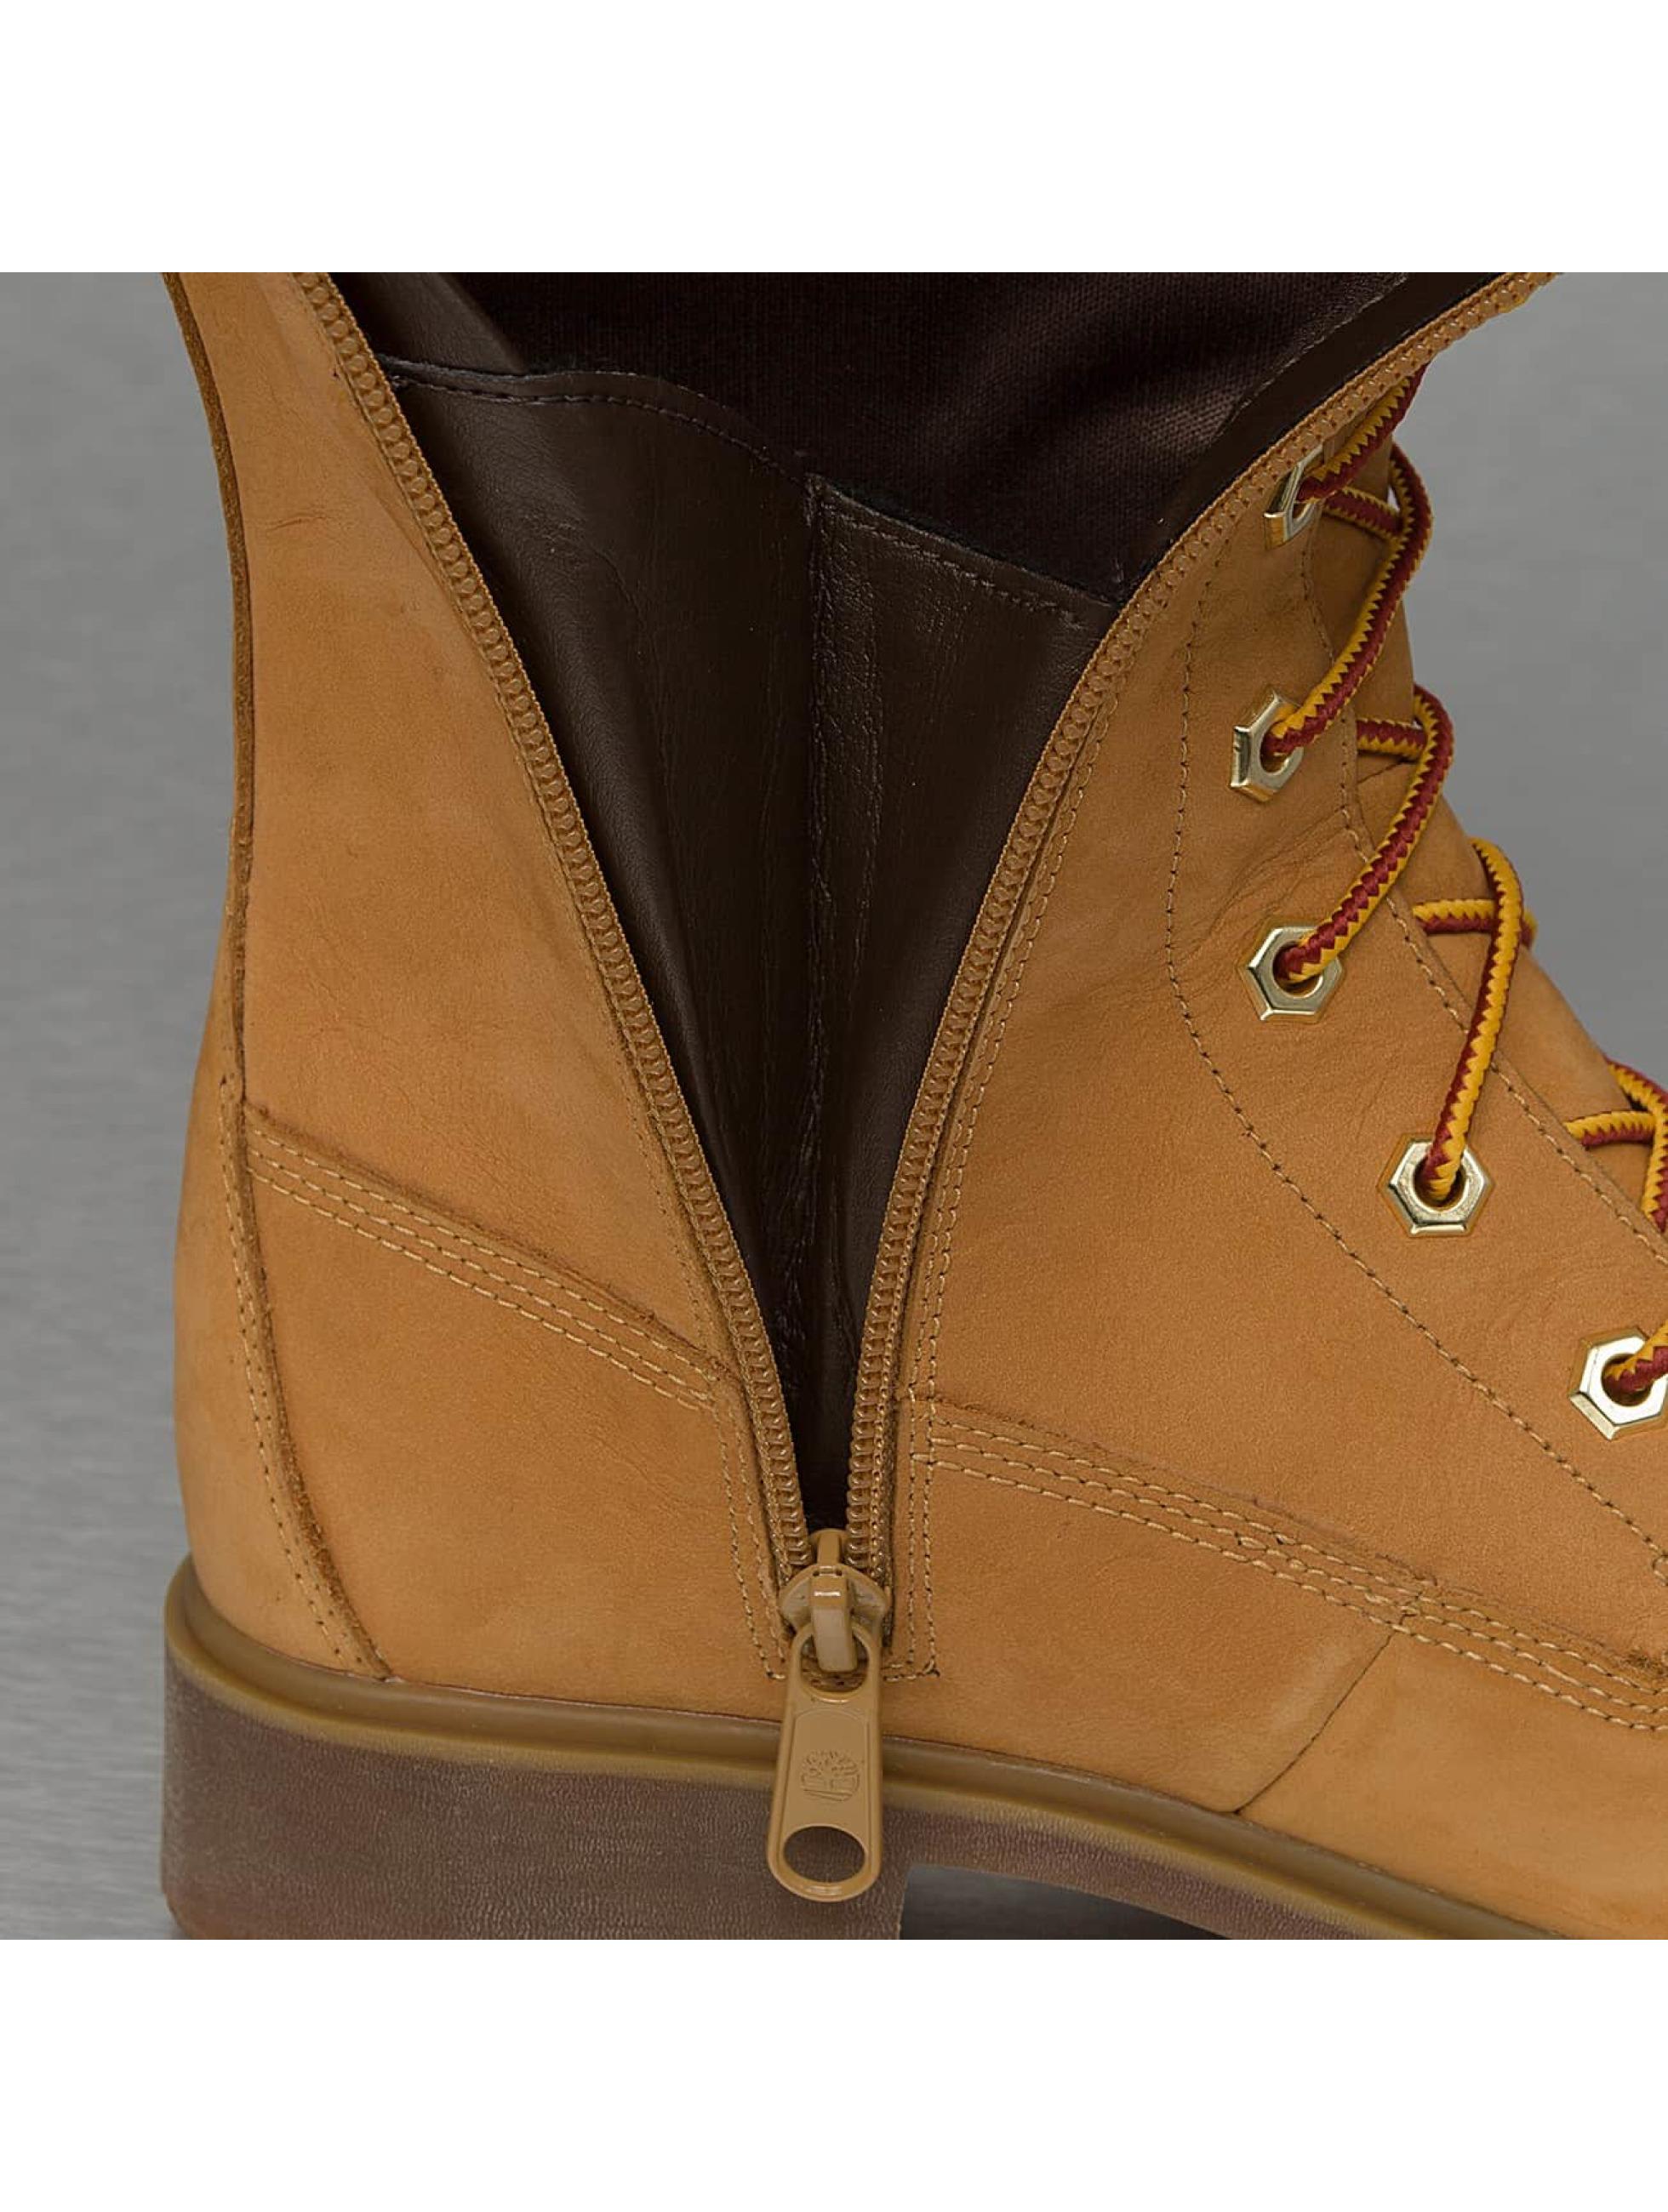 Timberland Women Boots Earthkeepers Premium 14 Inch Zip beige